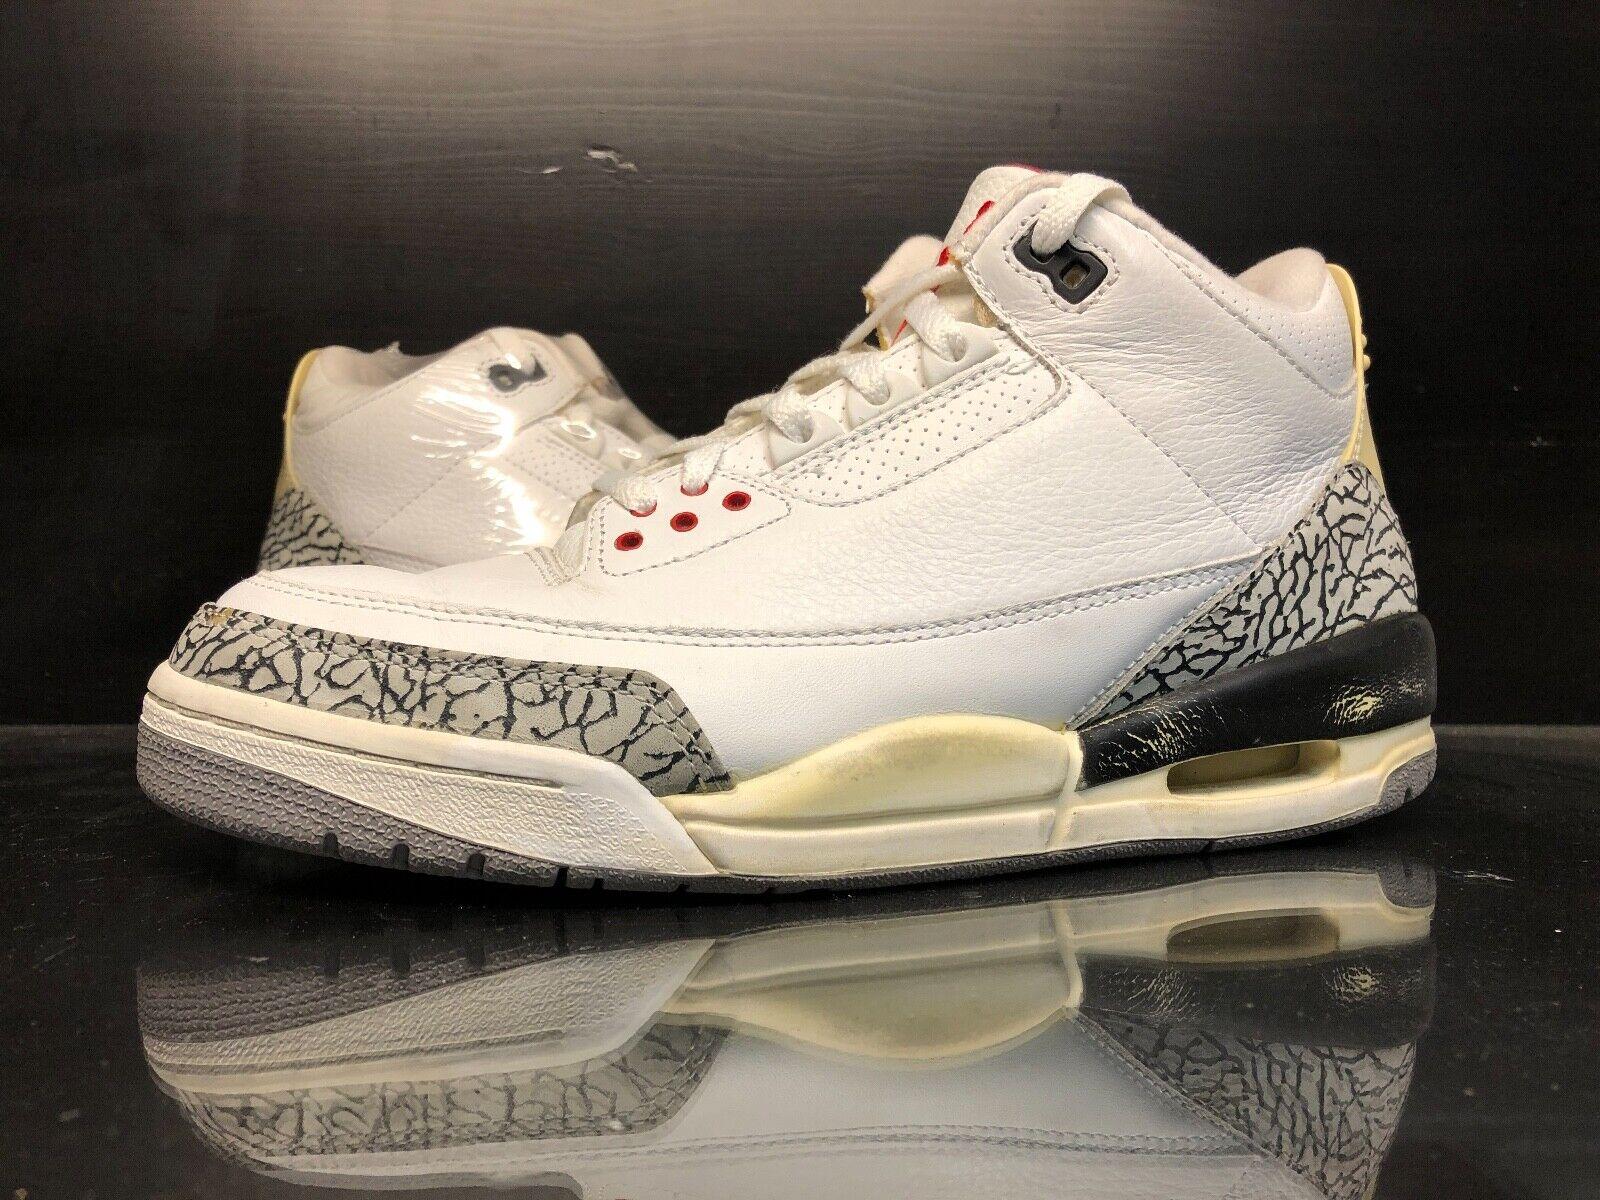 Air Jordan White Cement 3 III - 9